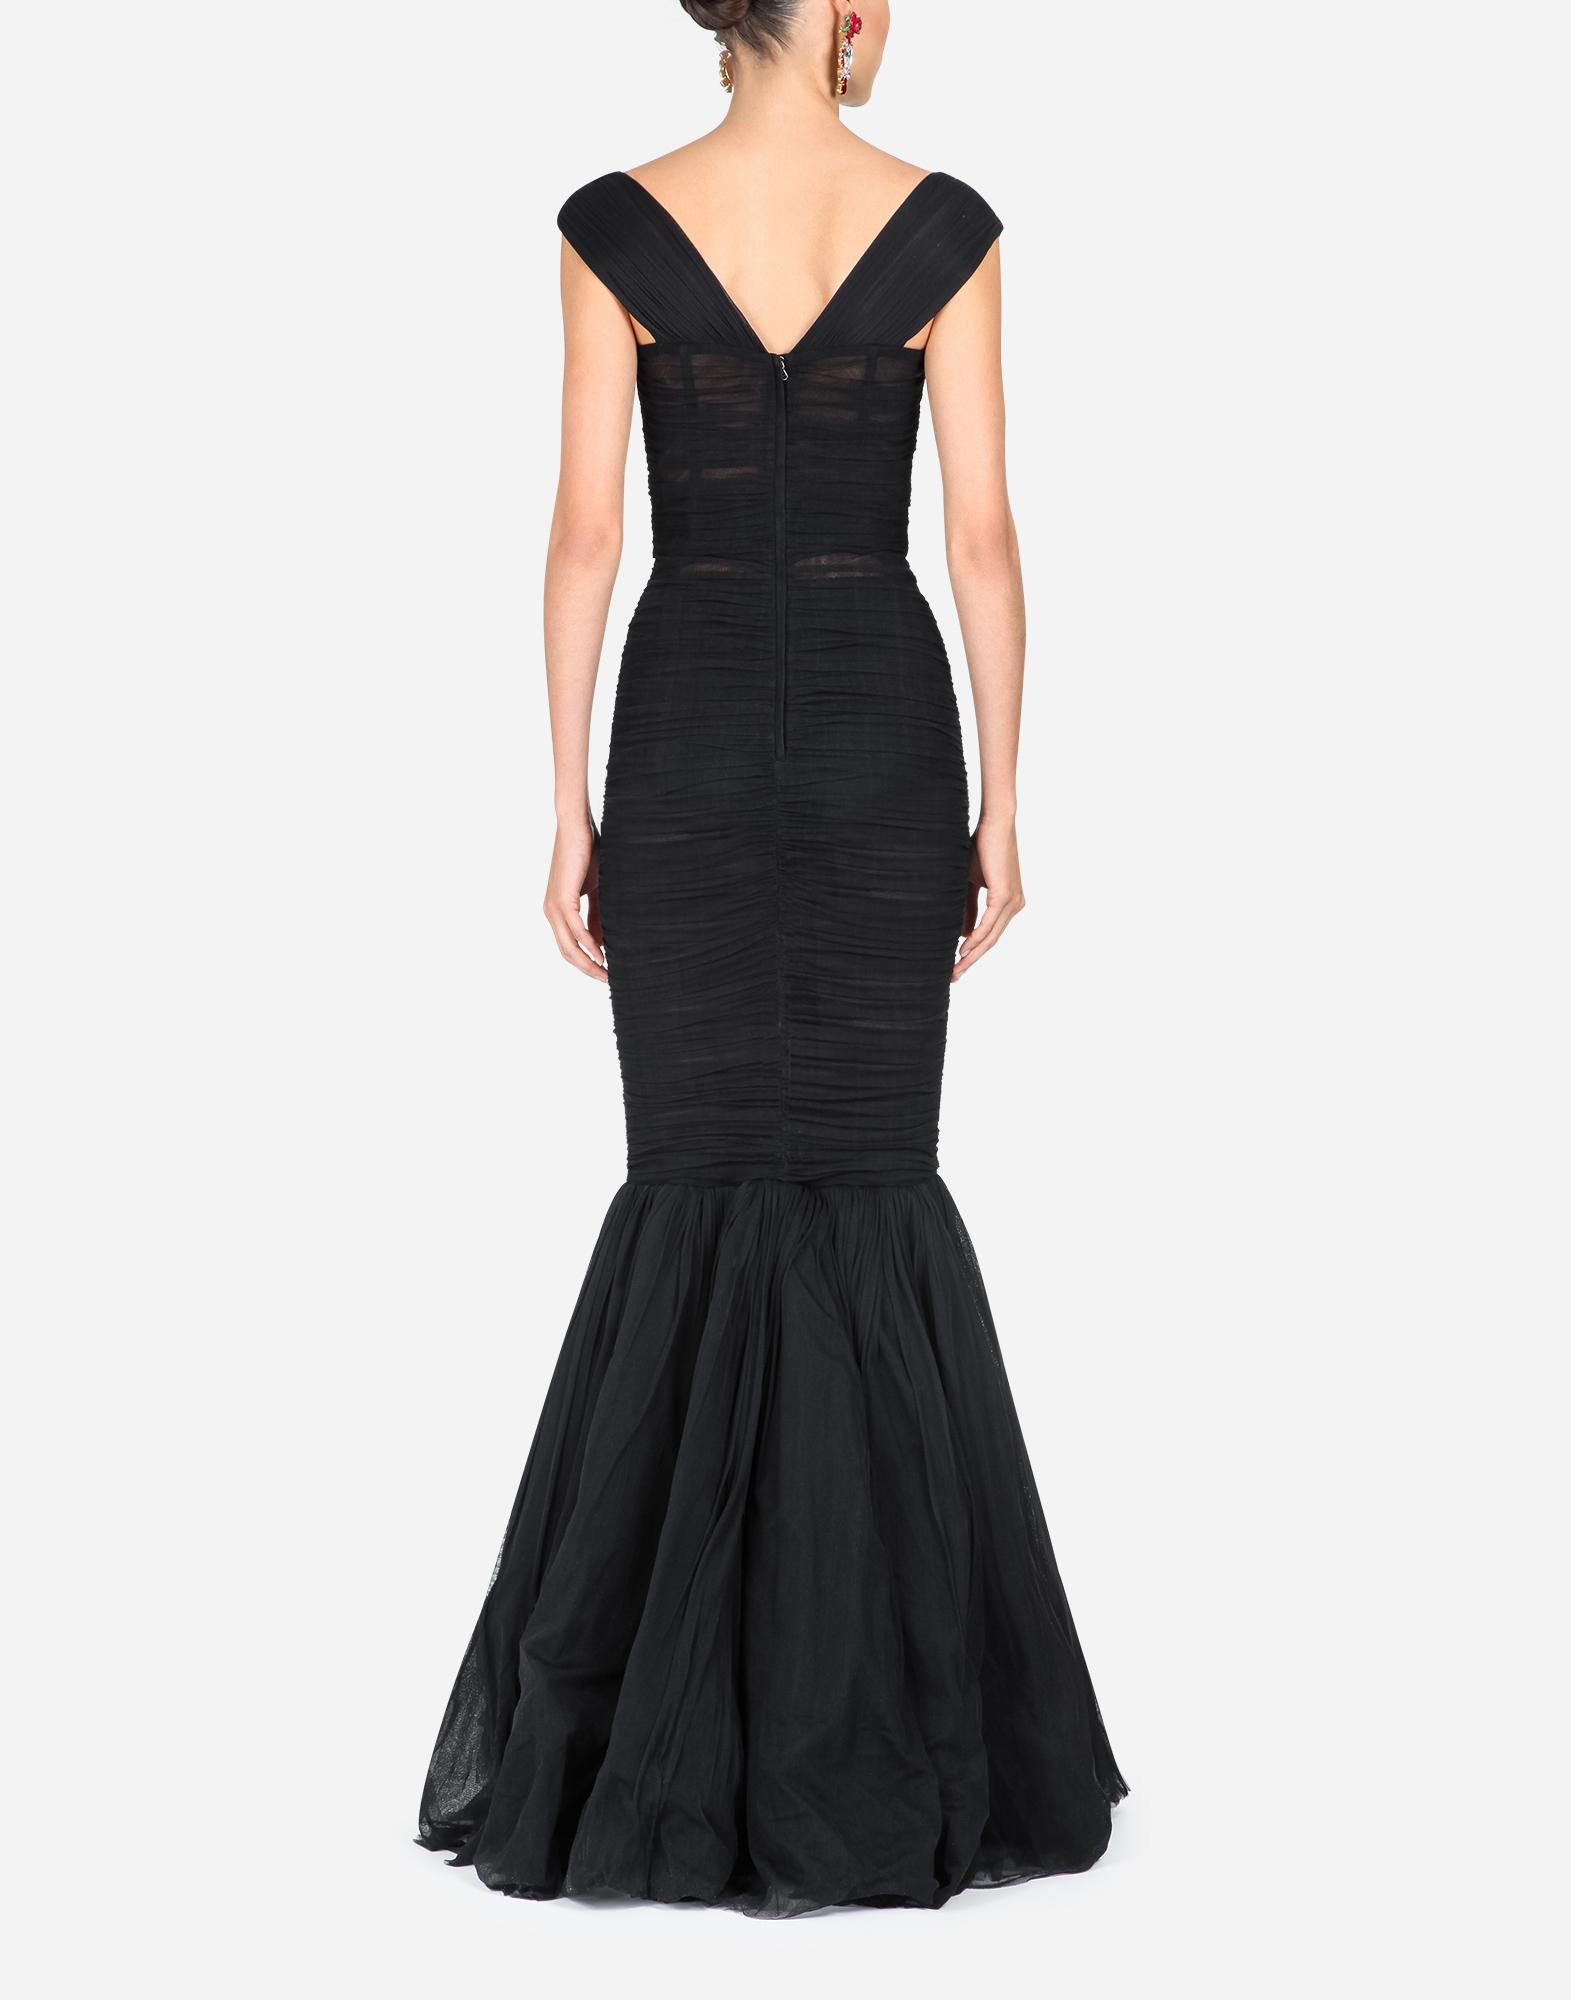 Dolce & Gabbana TULLE DRESS